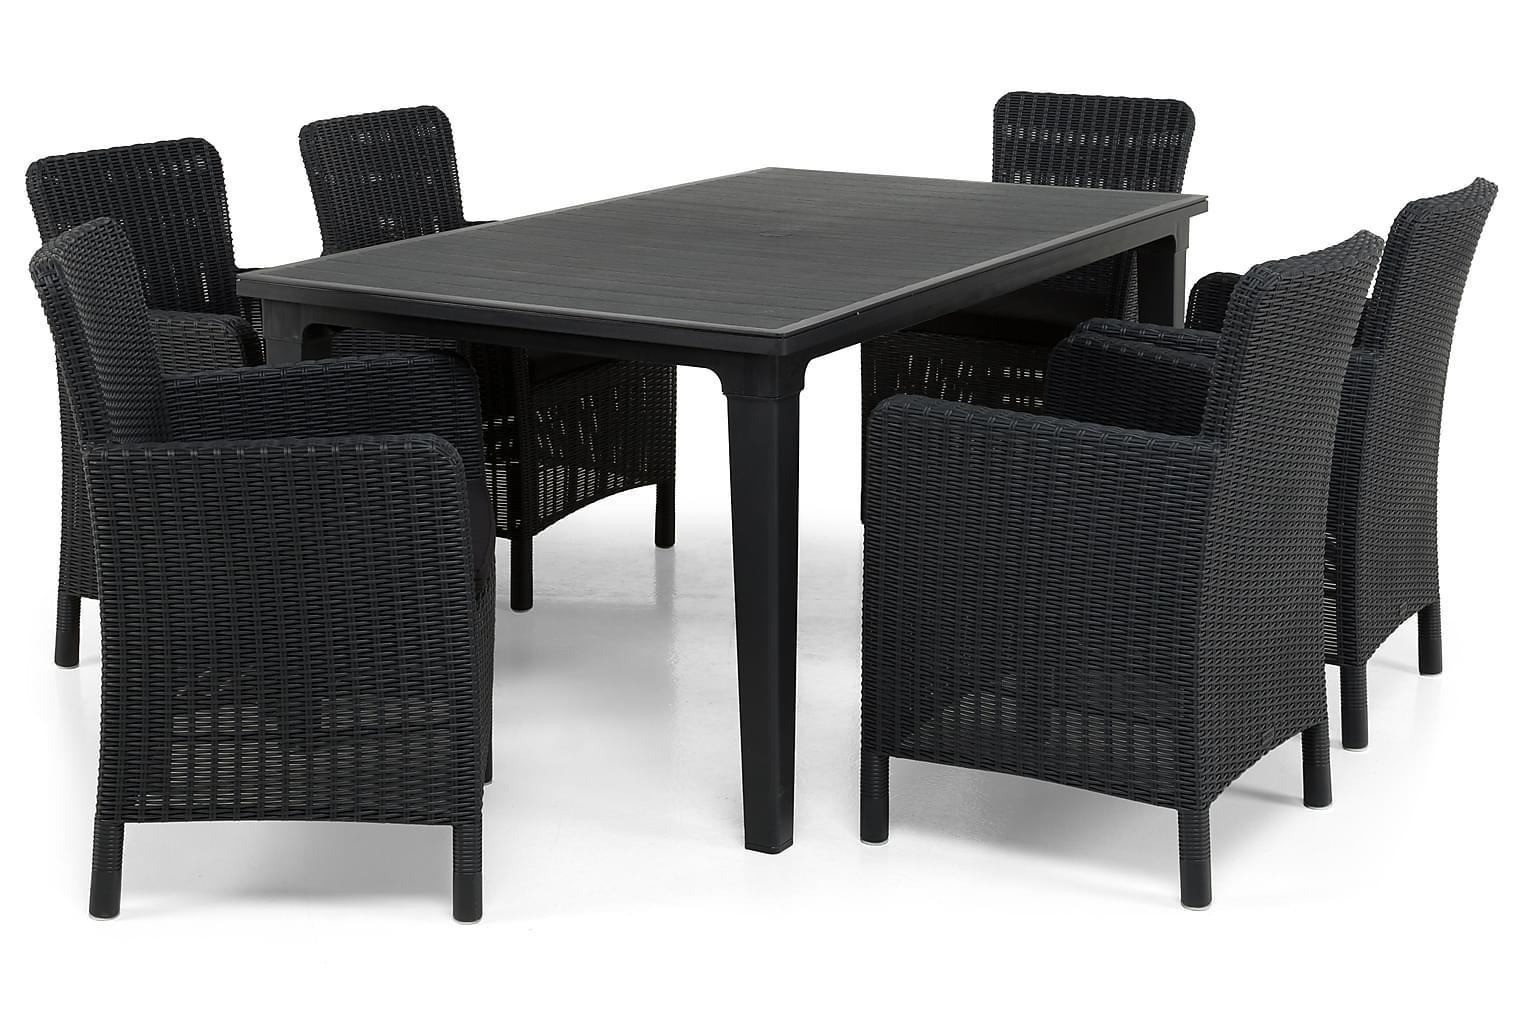 ALAMOSA Pöytä 165 Grafiitti + 6 CALVER Nojatuolia Musta